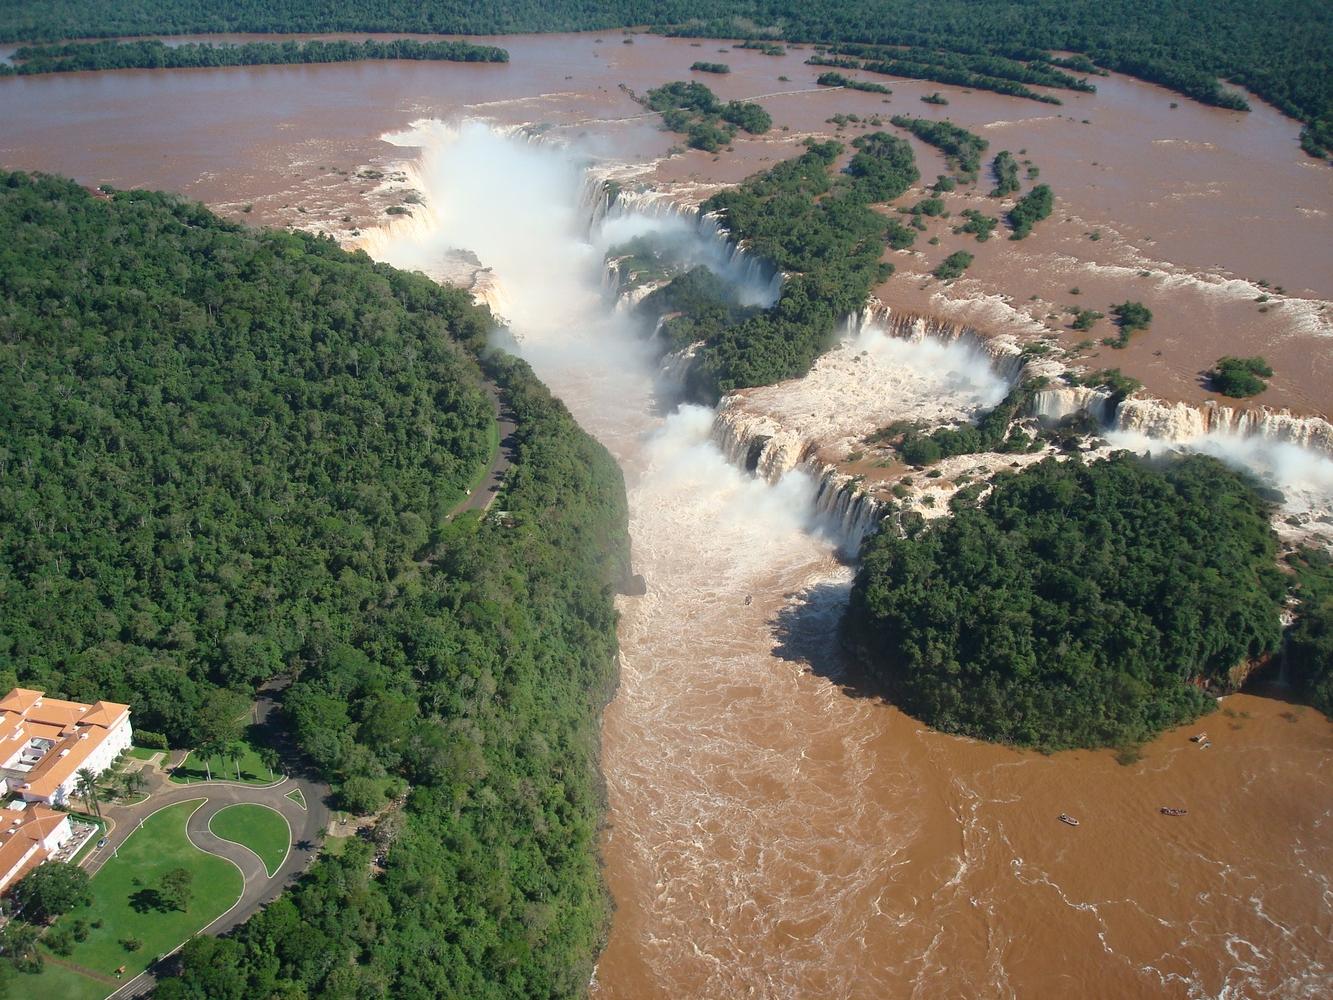 Hélico - Parque Nacional do Iguaçu